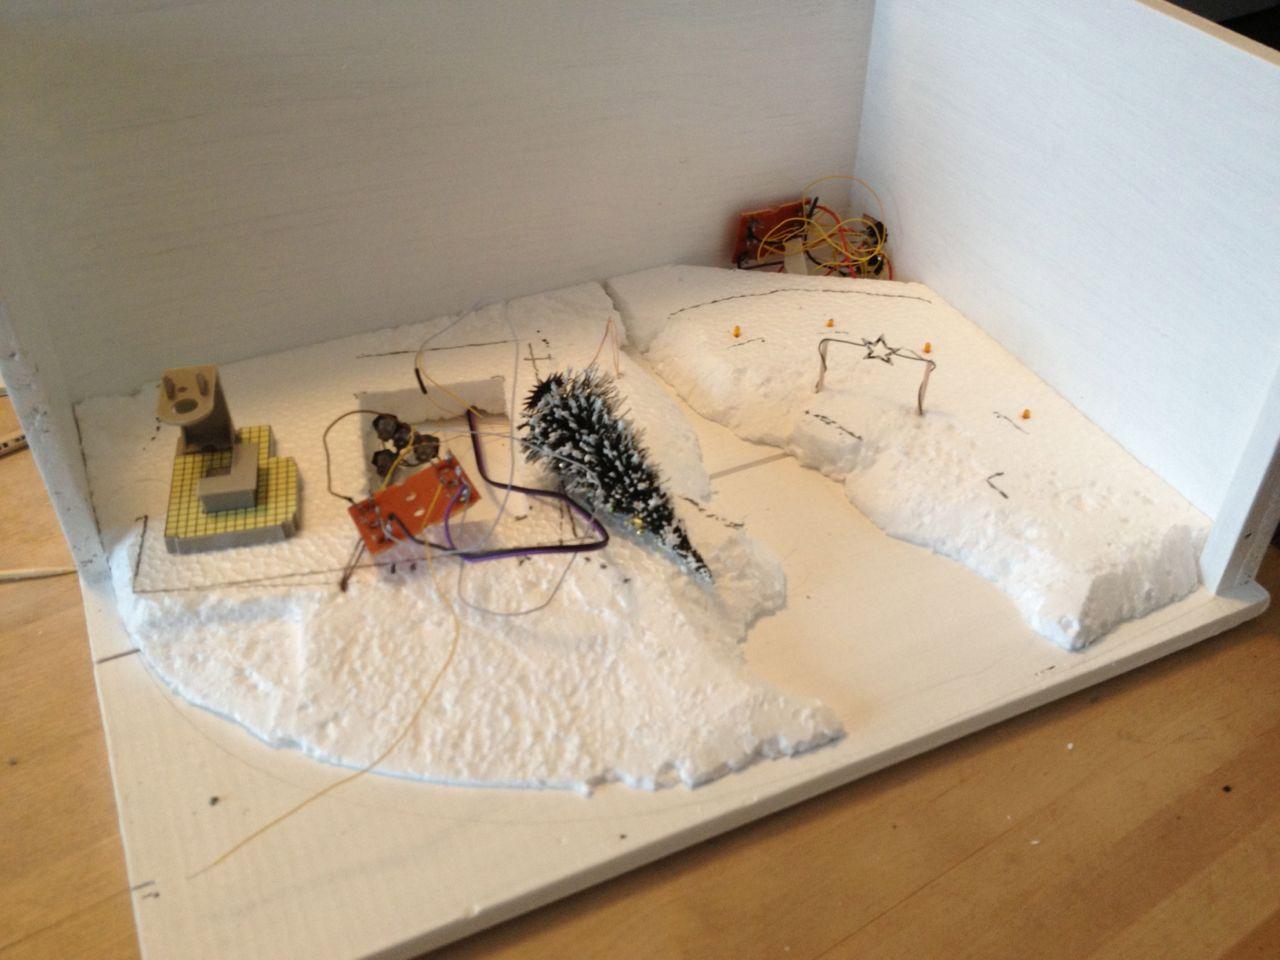 diorama modellbau 2 08 verkabelung und untergrund kleben. Black Bedroom Furniture Sets. Home Design Ideas